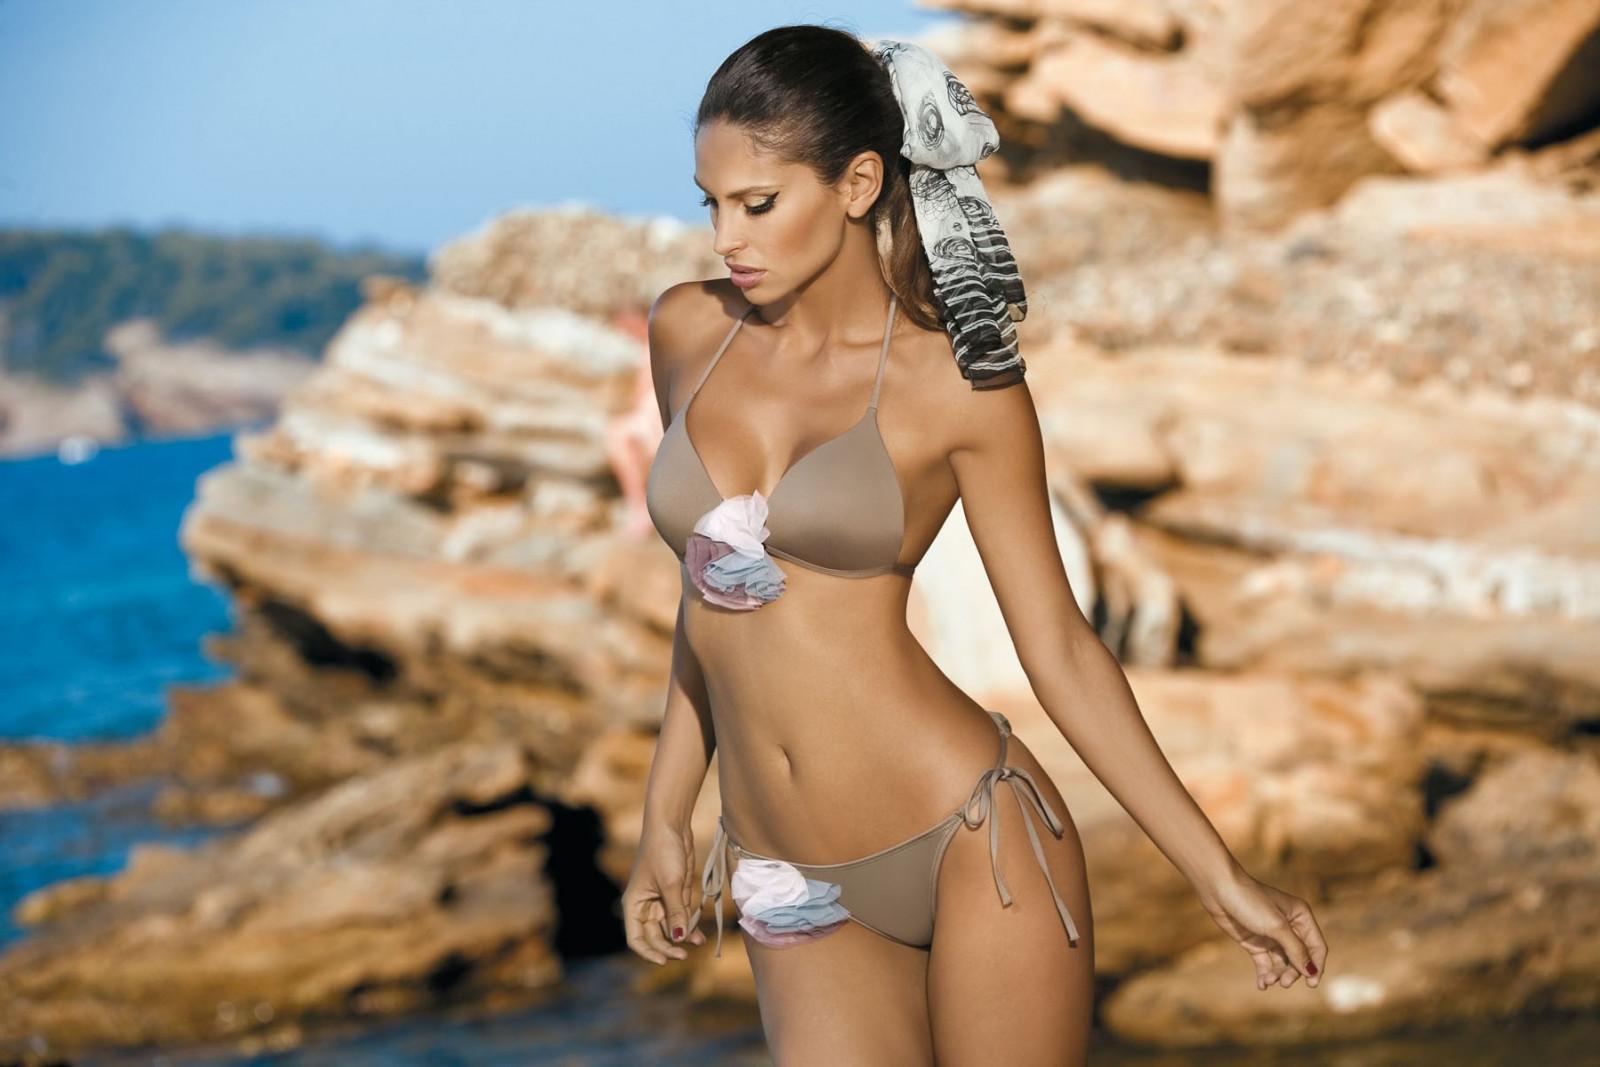 Wallpaper  1799X1200 Px, Babes, Bikini, Brazilian -2475